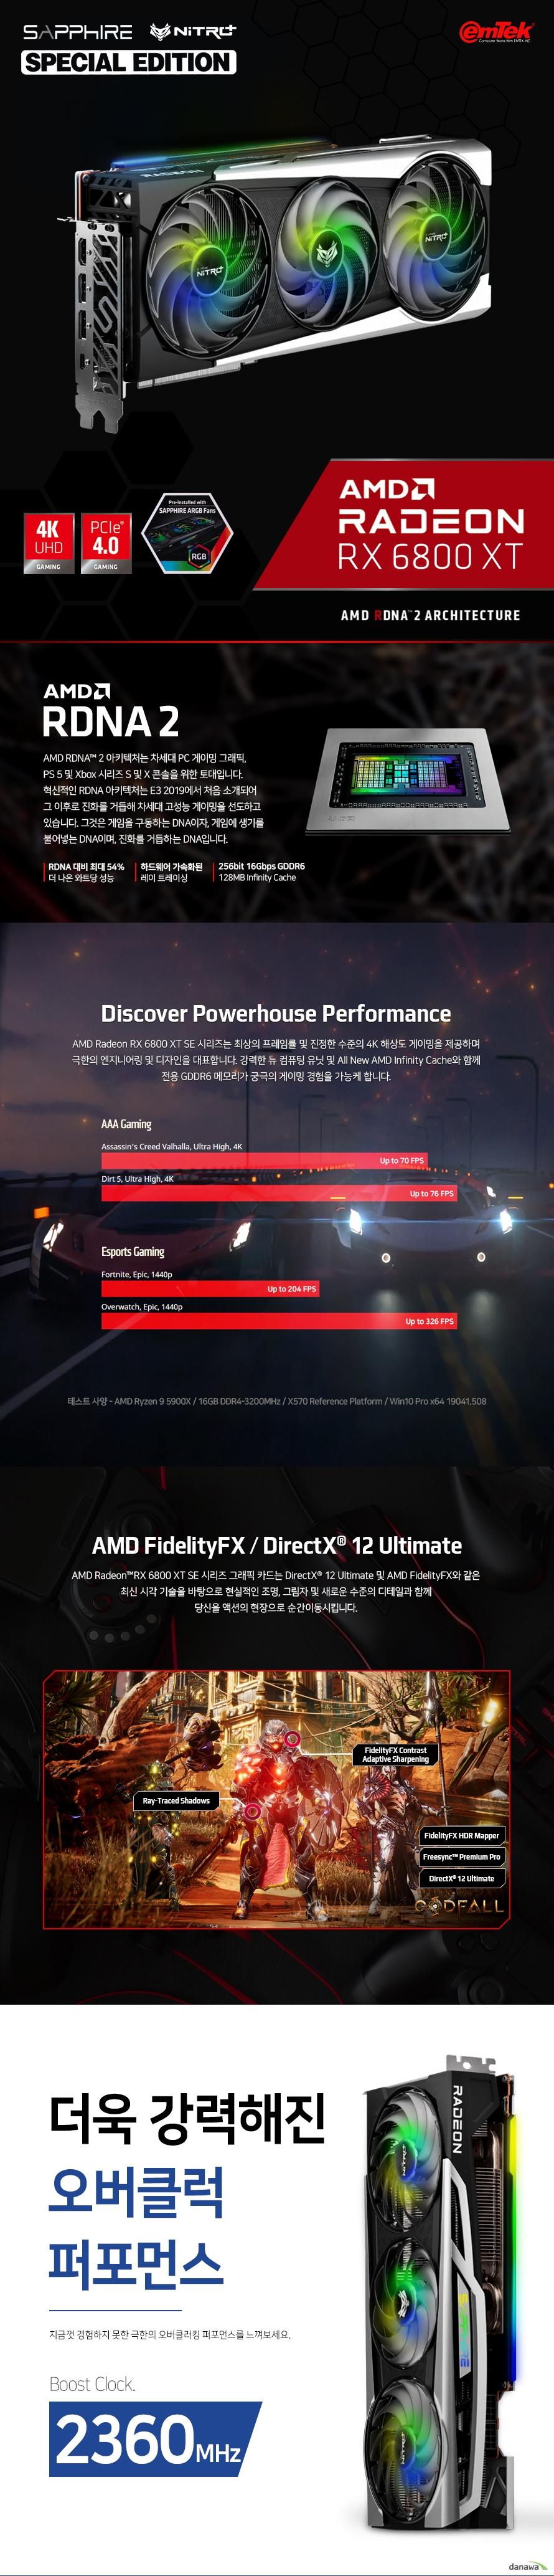 SAPPHIRE 라데온 RX 6800 XT SE NITRO+ OC D6 16GB Tri-X 스페셜 에디션제품 사양GPU 스트림 프로세서 4608 / 부스터 클럭 2360 / 게임 클럭 2110 /  메모리  버스 256 bit / 메모리 타입 GDDR6 16기가 / 메모리 클럭 16기가 / 디스플레이 Output HDMI x1 / DP x2 / USB-C x1 / Max Resolution Digital 7680x4320 Support / Max Displays Maximum 4 Displays / 파워 소비전력 350W / Suggestion 850W / 커넥터 8핀 + 8핀 / 쿨링 Fan Dimensions 100mm x2 , 90mm x1 - Triple Fan  / Heatsink Material Aluminum Fins, Copper Base / 제품 크기  L 310 x H 134.3 x W 55.3mm /  Os Windows 10 64-bit / Linux 64-bit / 인증 번호 R-R-EMT-SP-RX6800XT